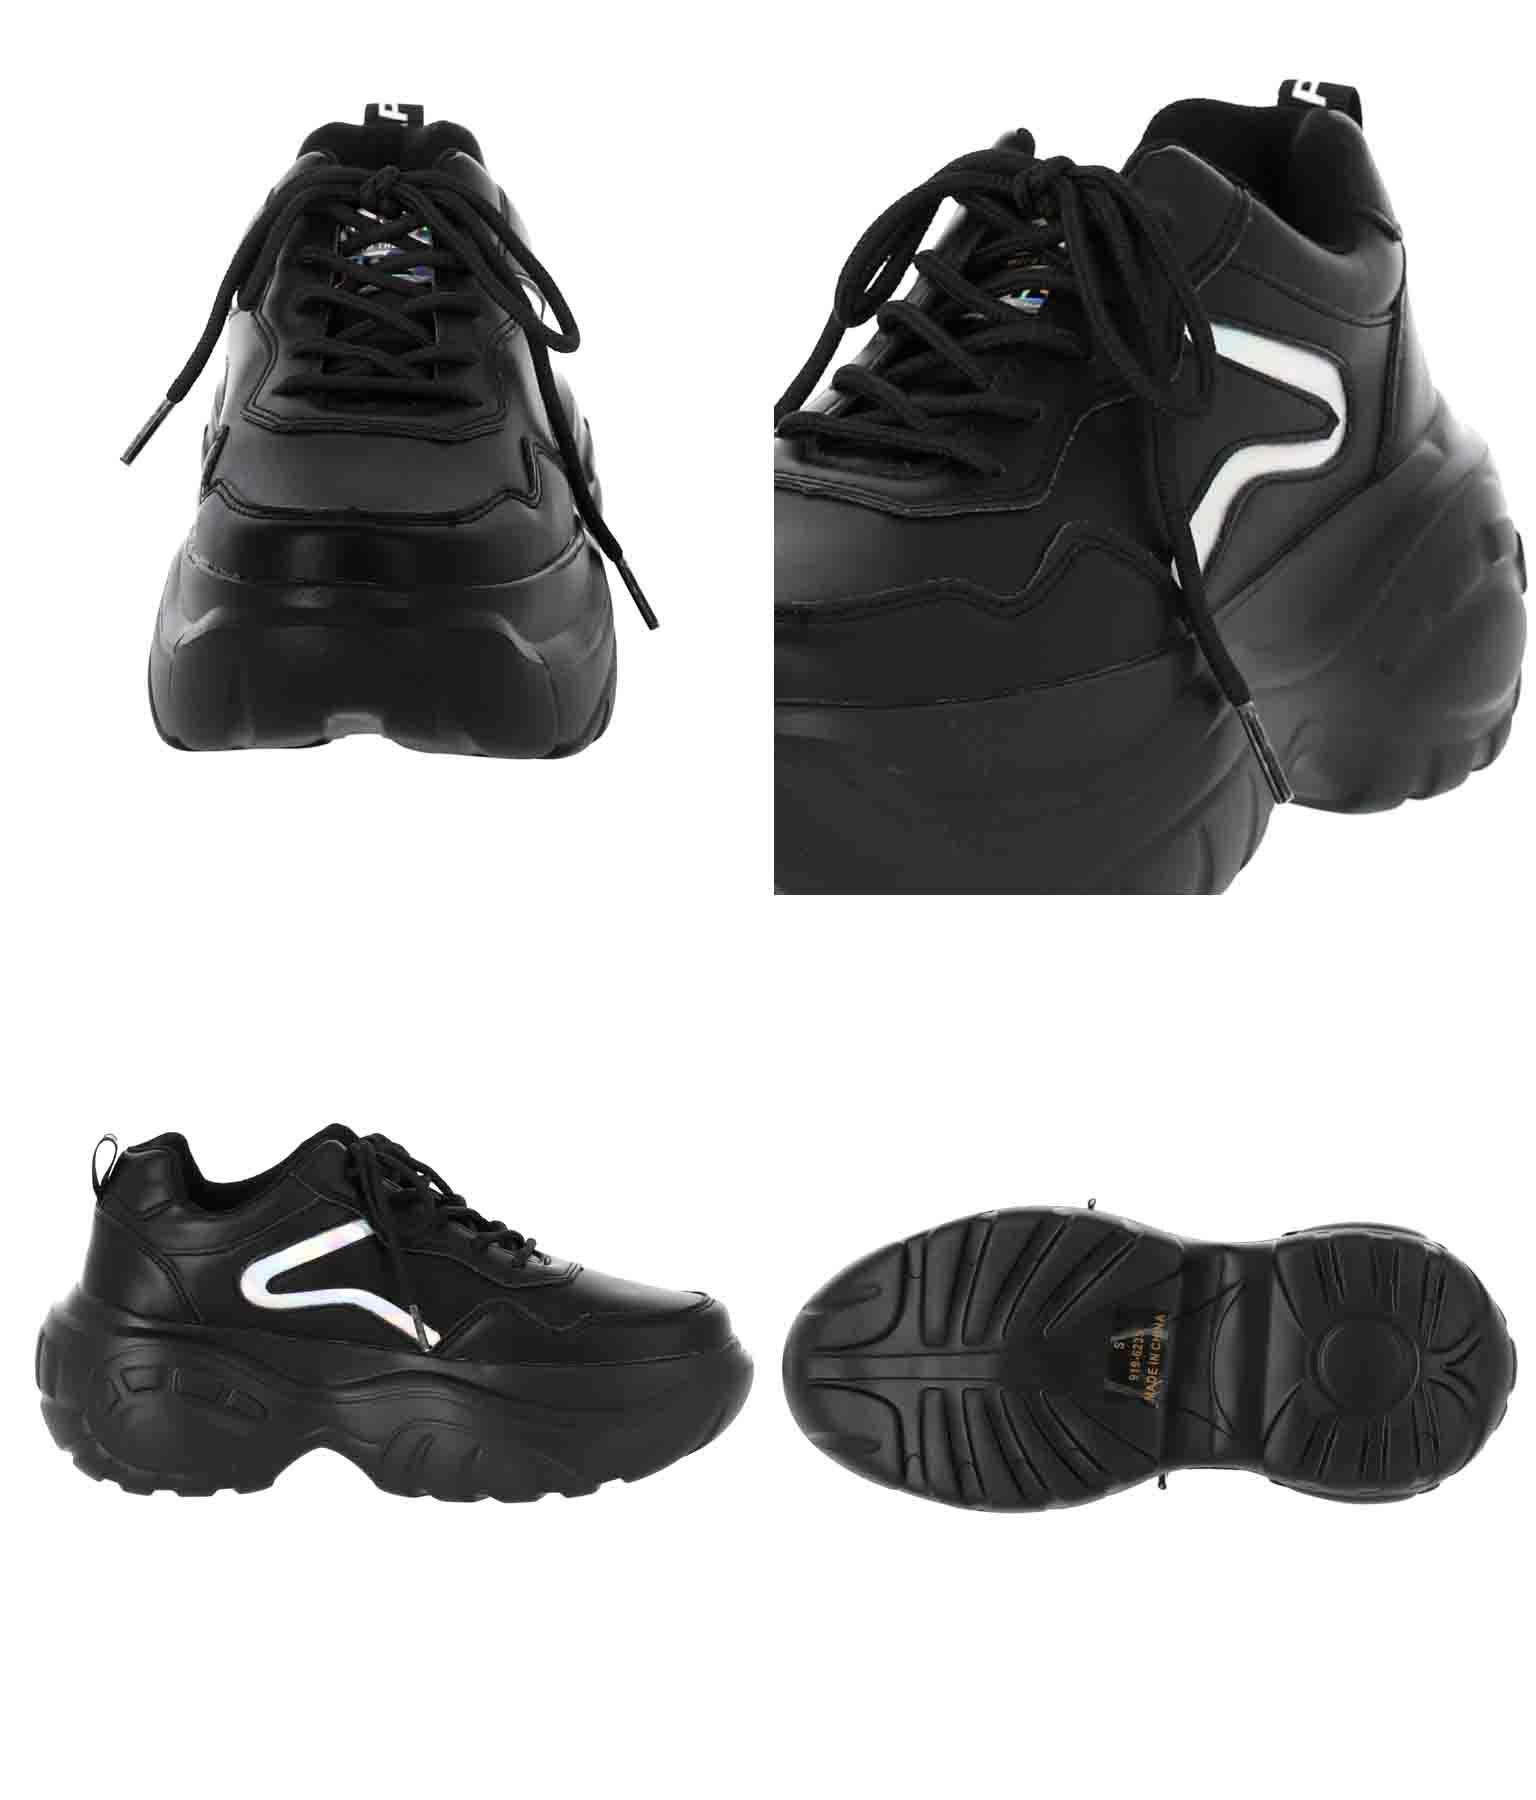 ホログラムライン厚底スニーカー(シューズ・靴/スニーカー) | ANAP GiRL